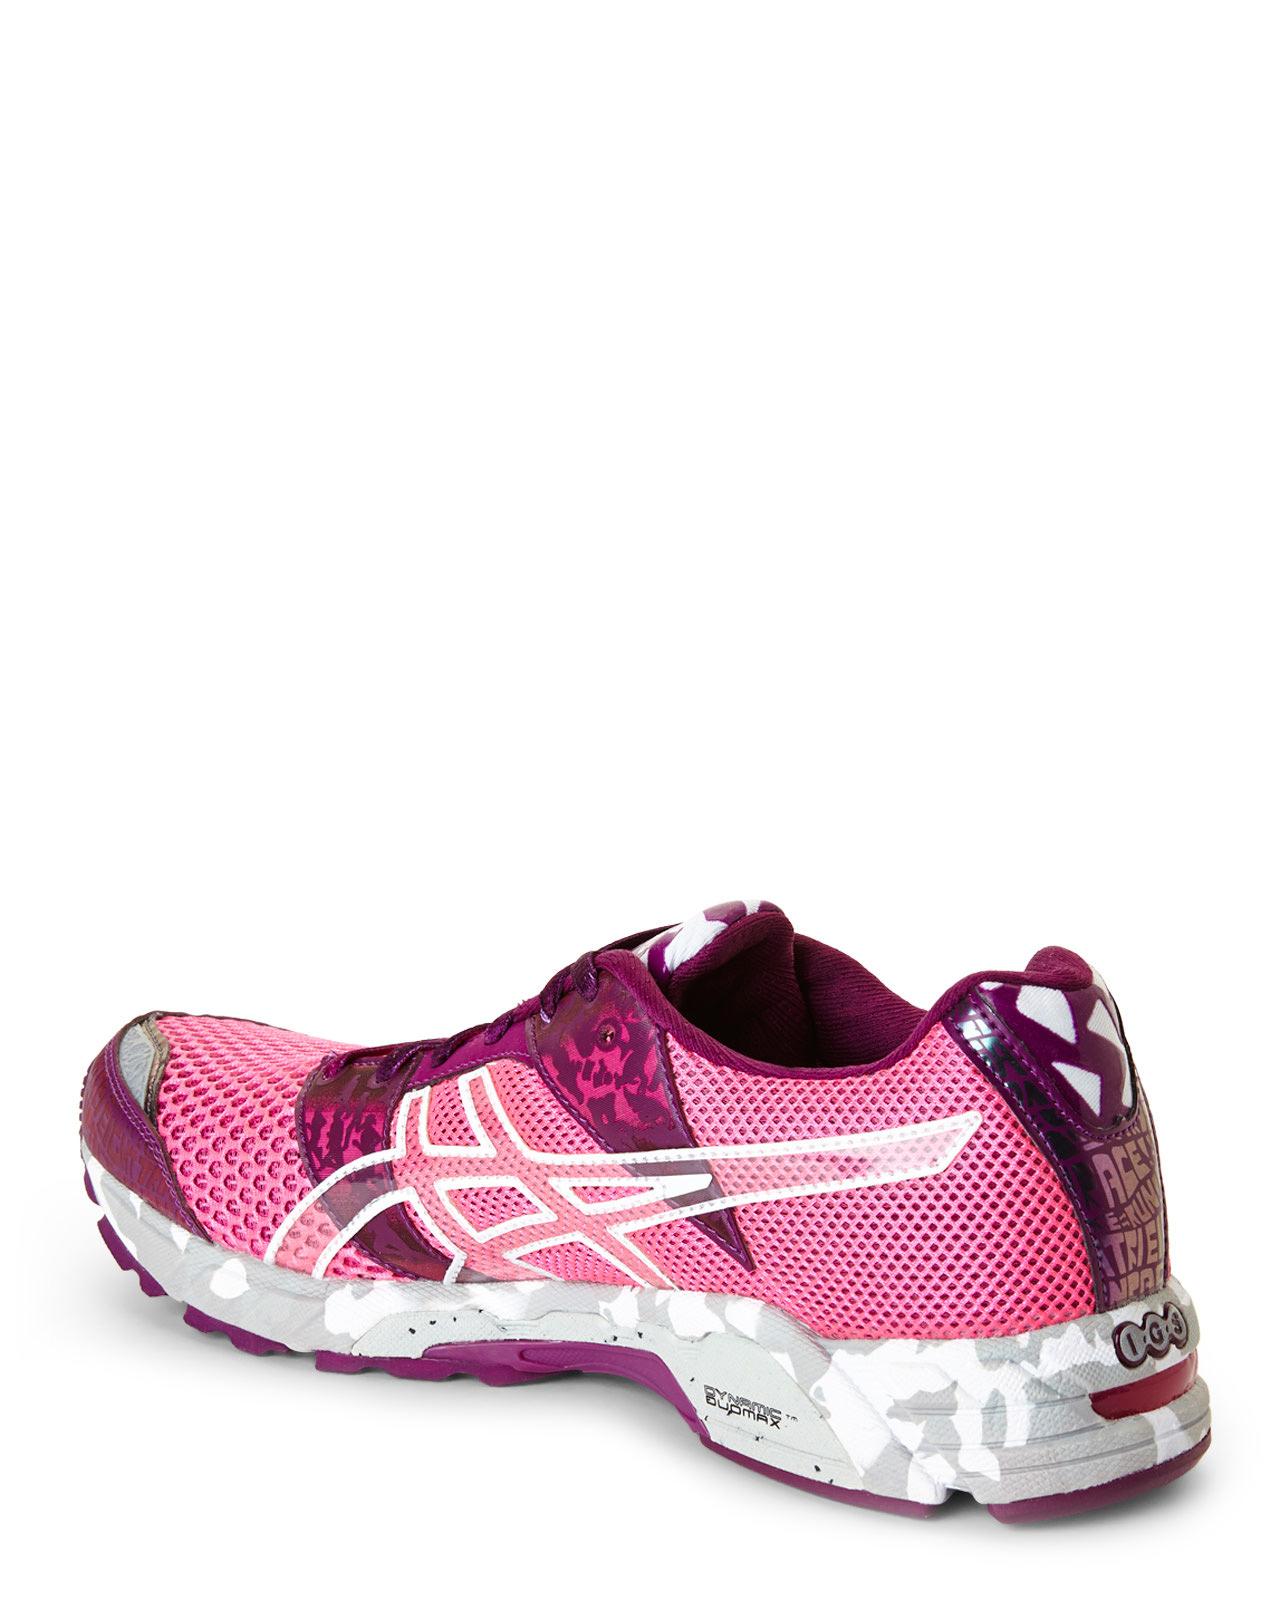 Asics Metrolyte Gem Walking Shoes